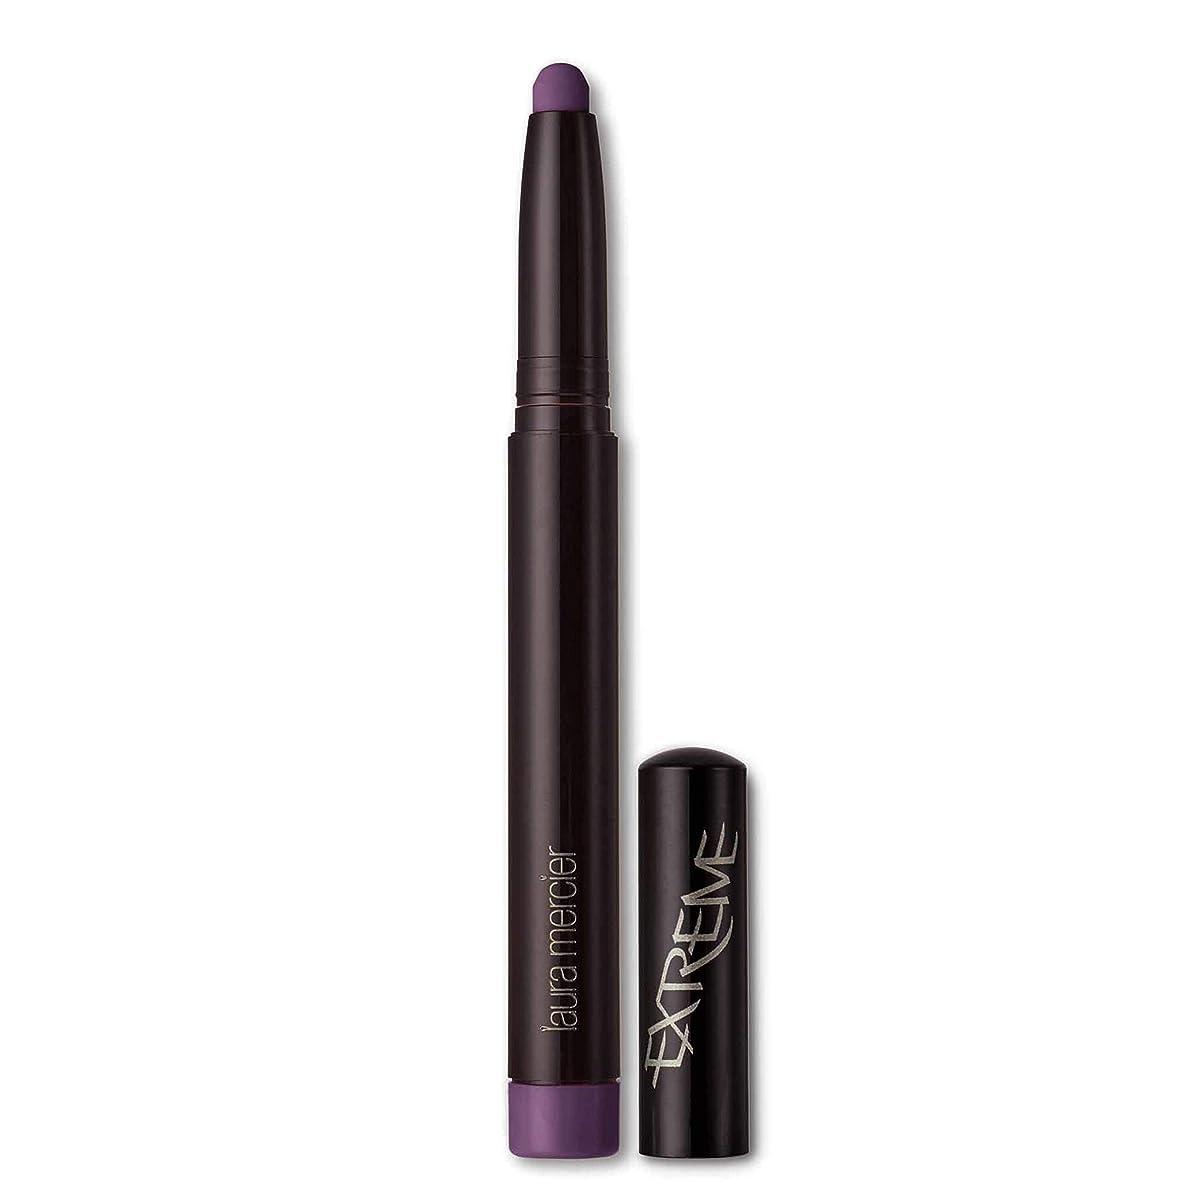 持参浴磨かれたLaura Mercier Velour Intense Pigment Rich Colour Extreme Matte Lipstick - Boss